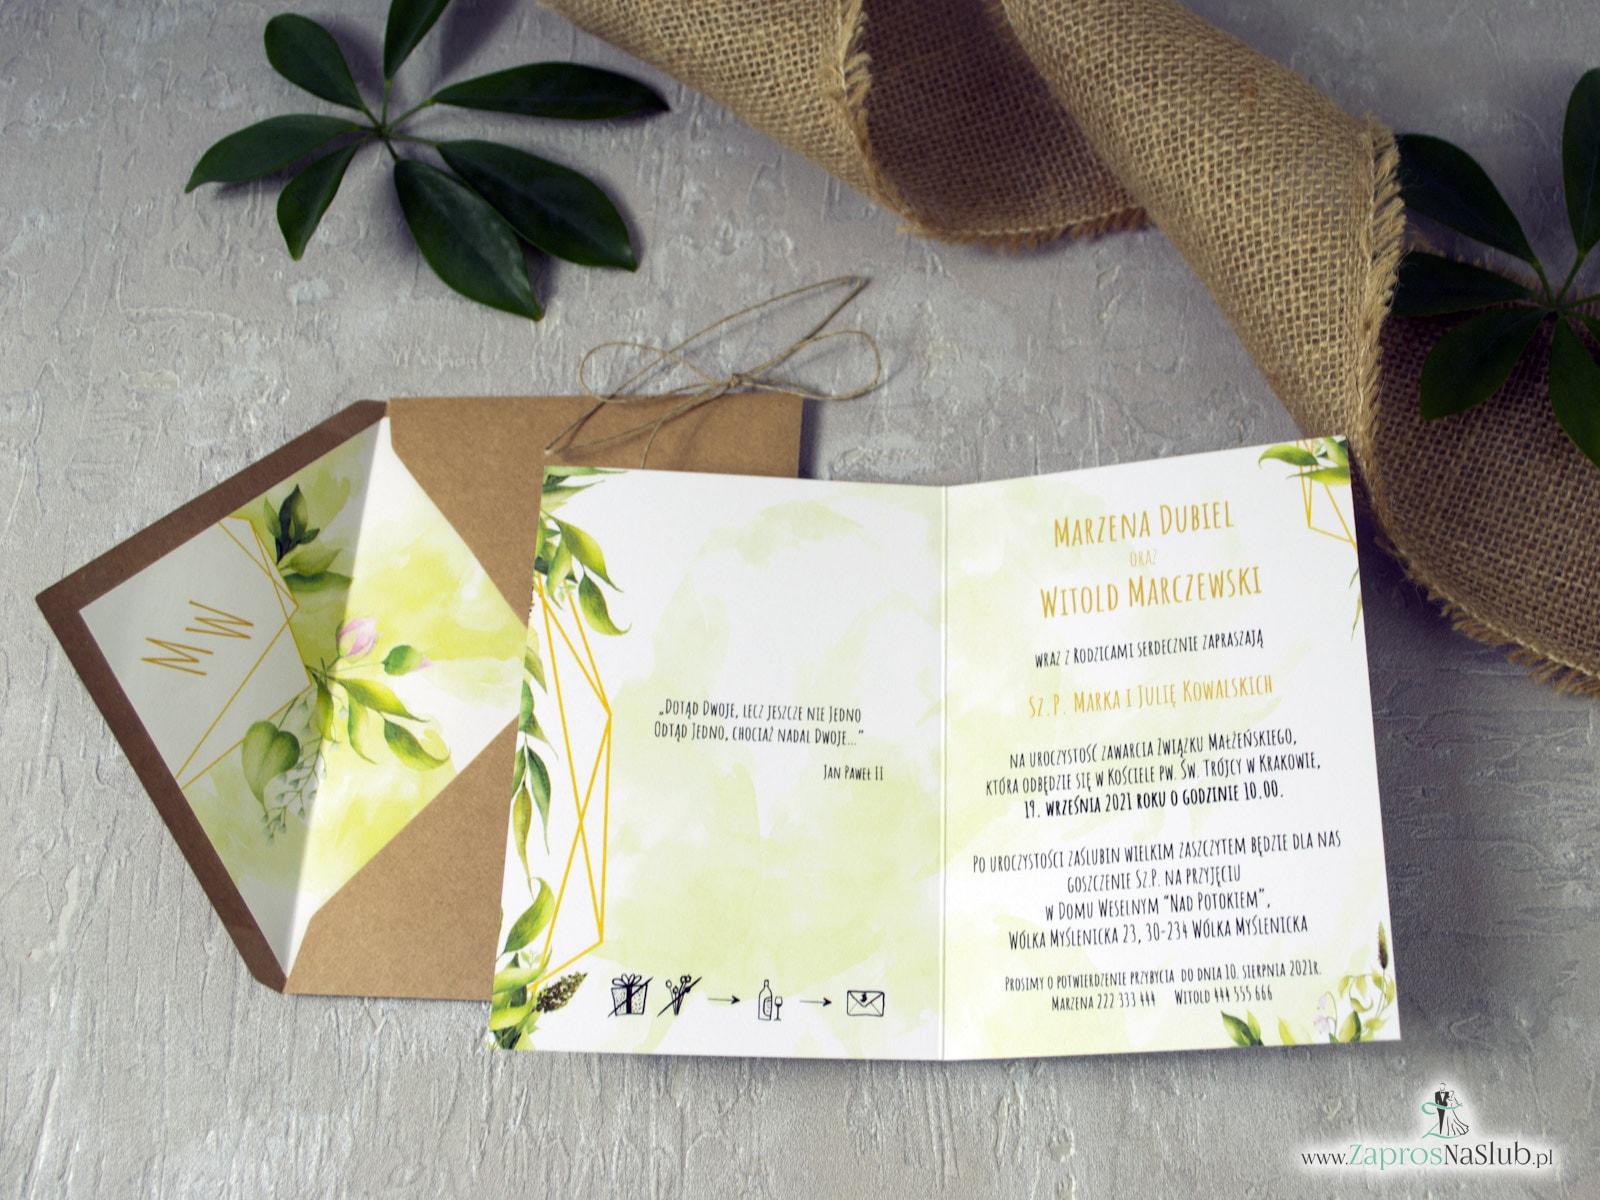 Geometryczne zaproszenia z zielonymi liśćmi w stylu rustykalnym. ZAP-41-01